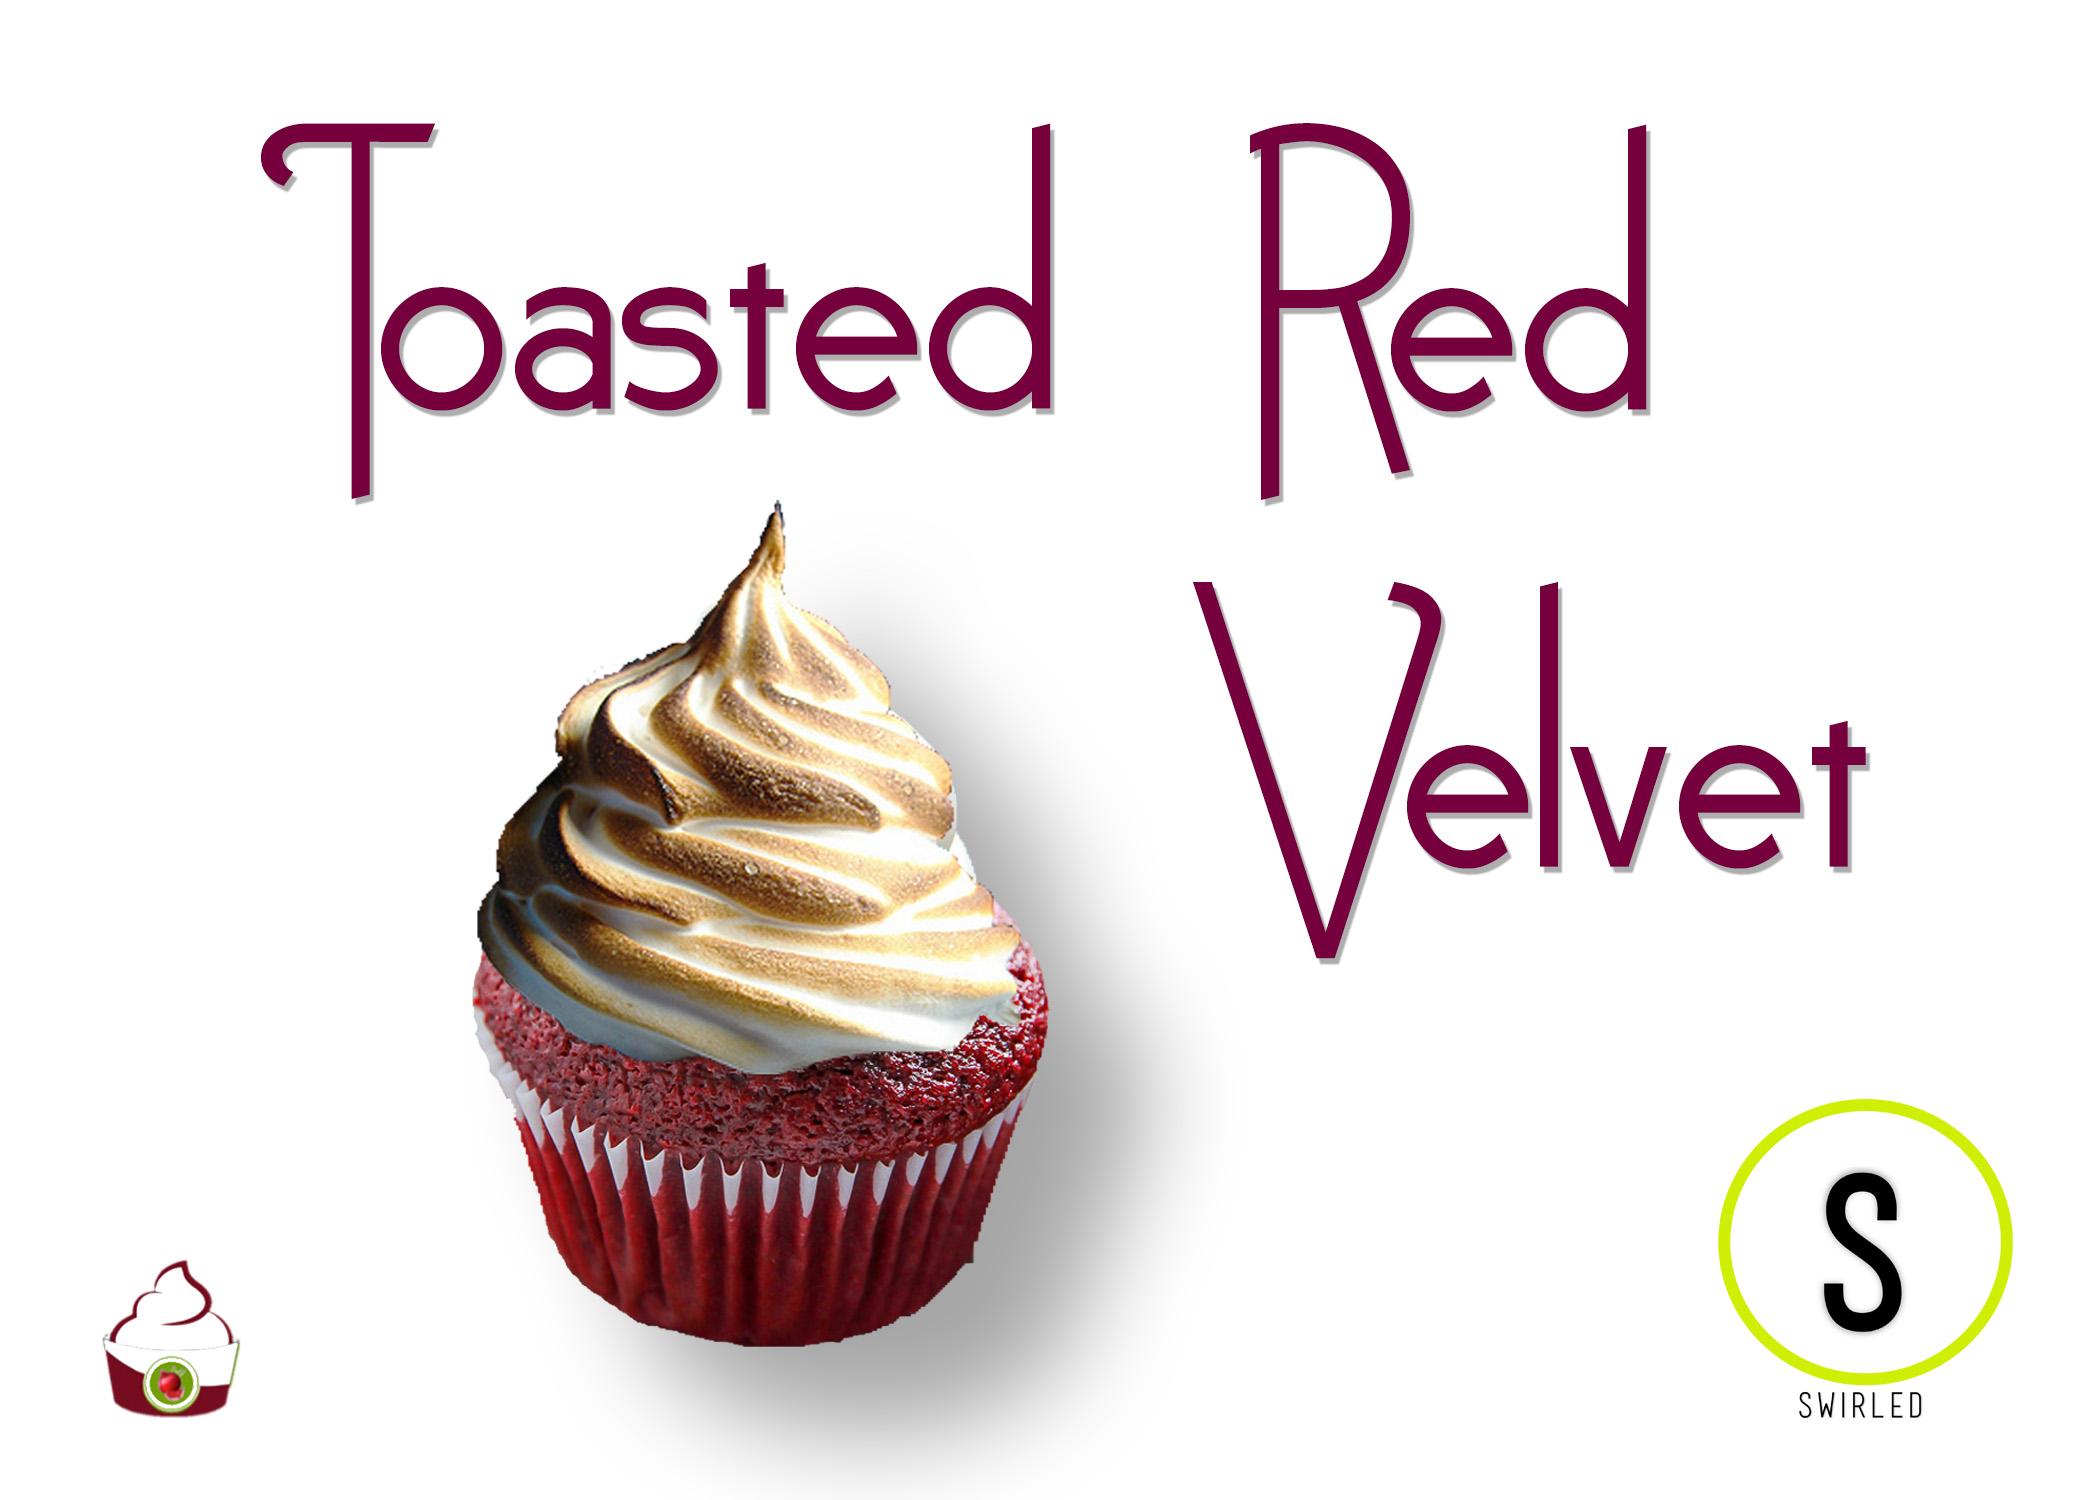 toasted red velvet pcc.jpg